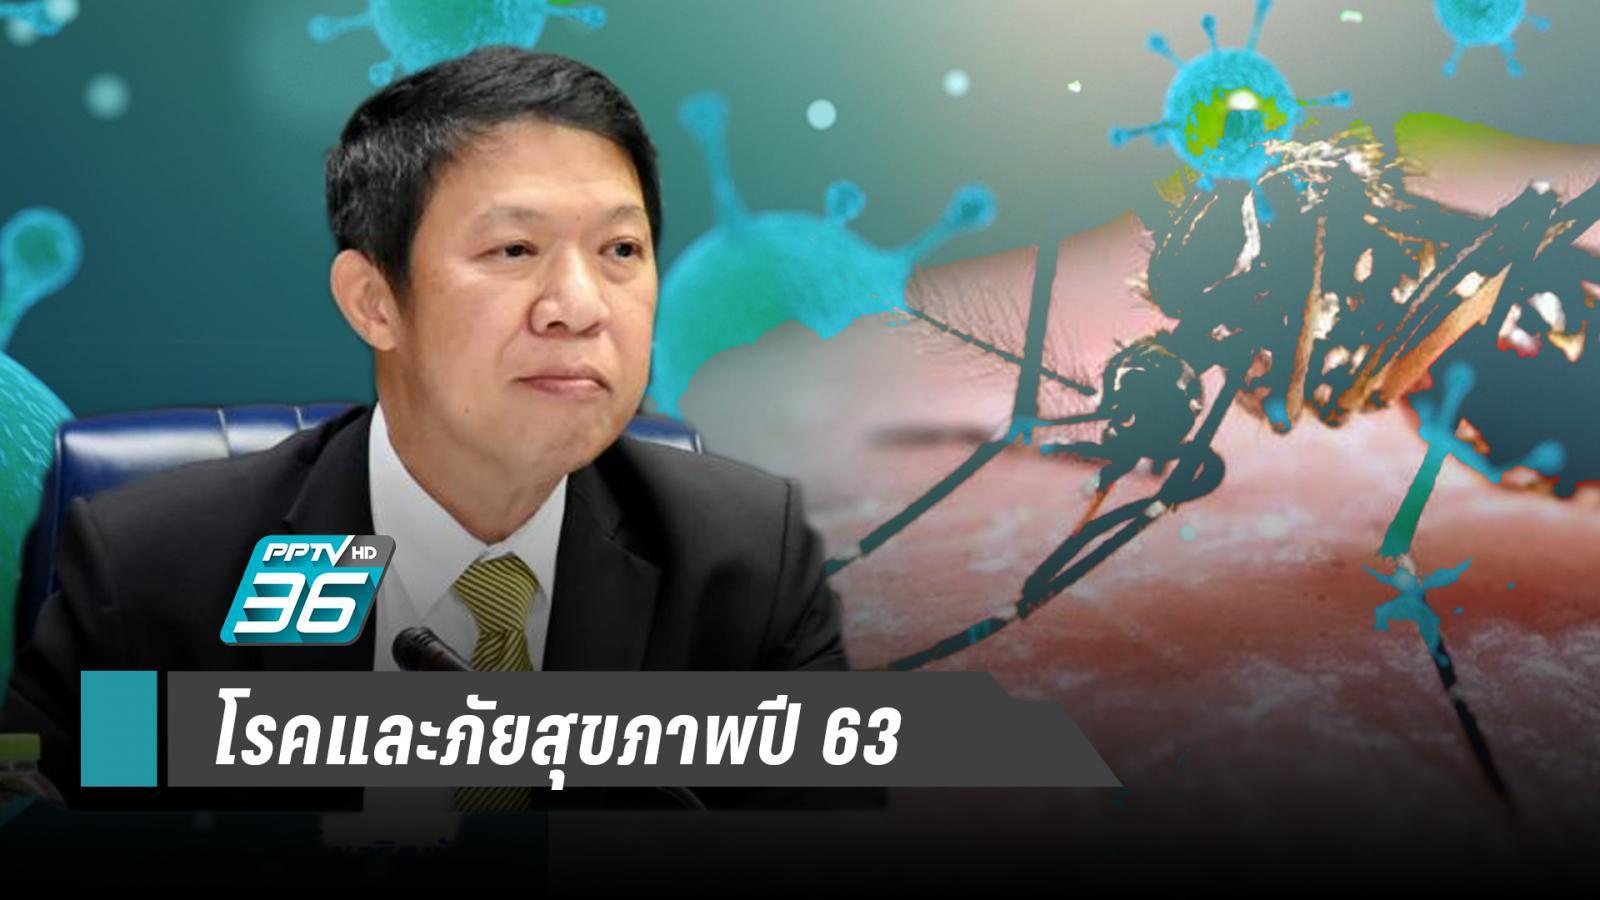 ปีใหม่ 2563 ปัญหาสุขภาพ โรคติดต่ออะไรคนไทยเจอแน่!